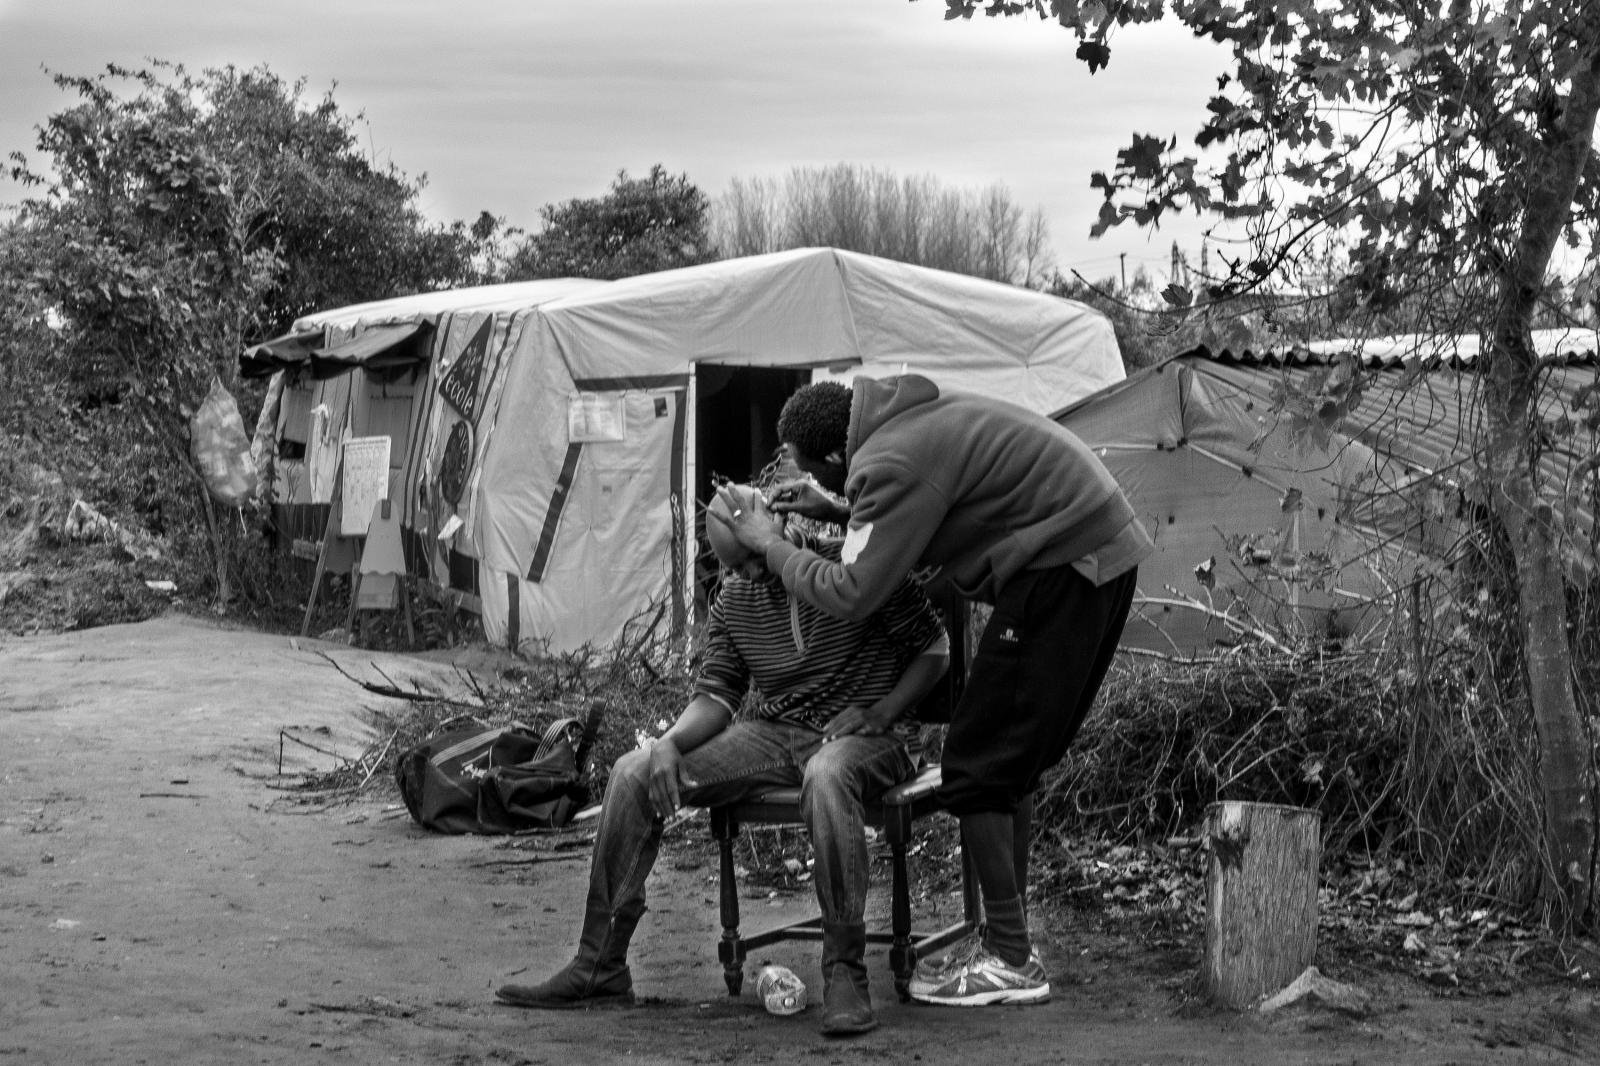 Art and Documentary Photography - Loading The_Zaghawa_of_Sudan_-_Maurizio_Martorana__4.jpg